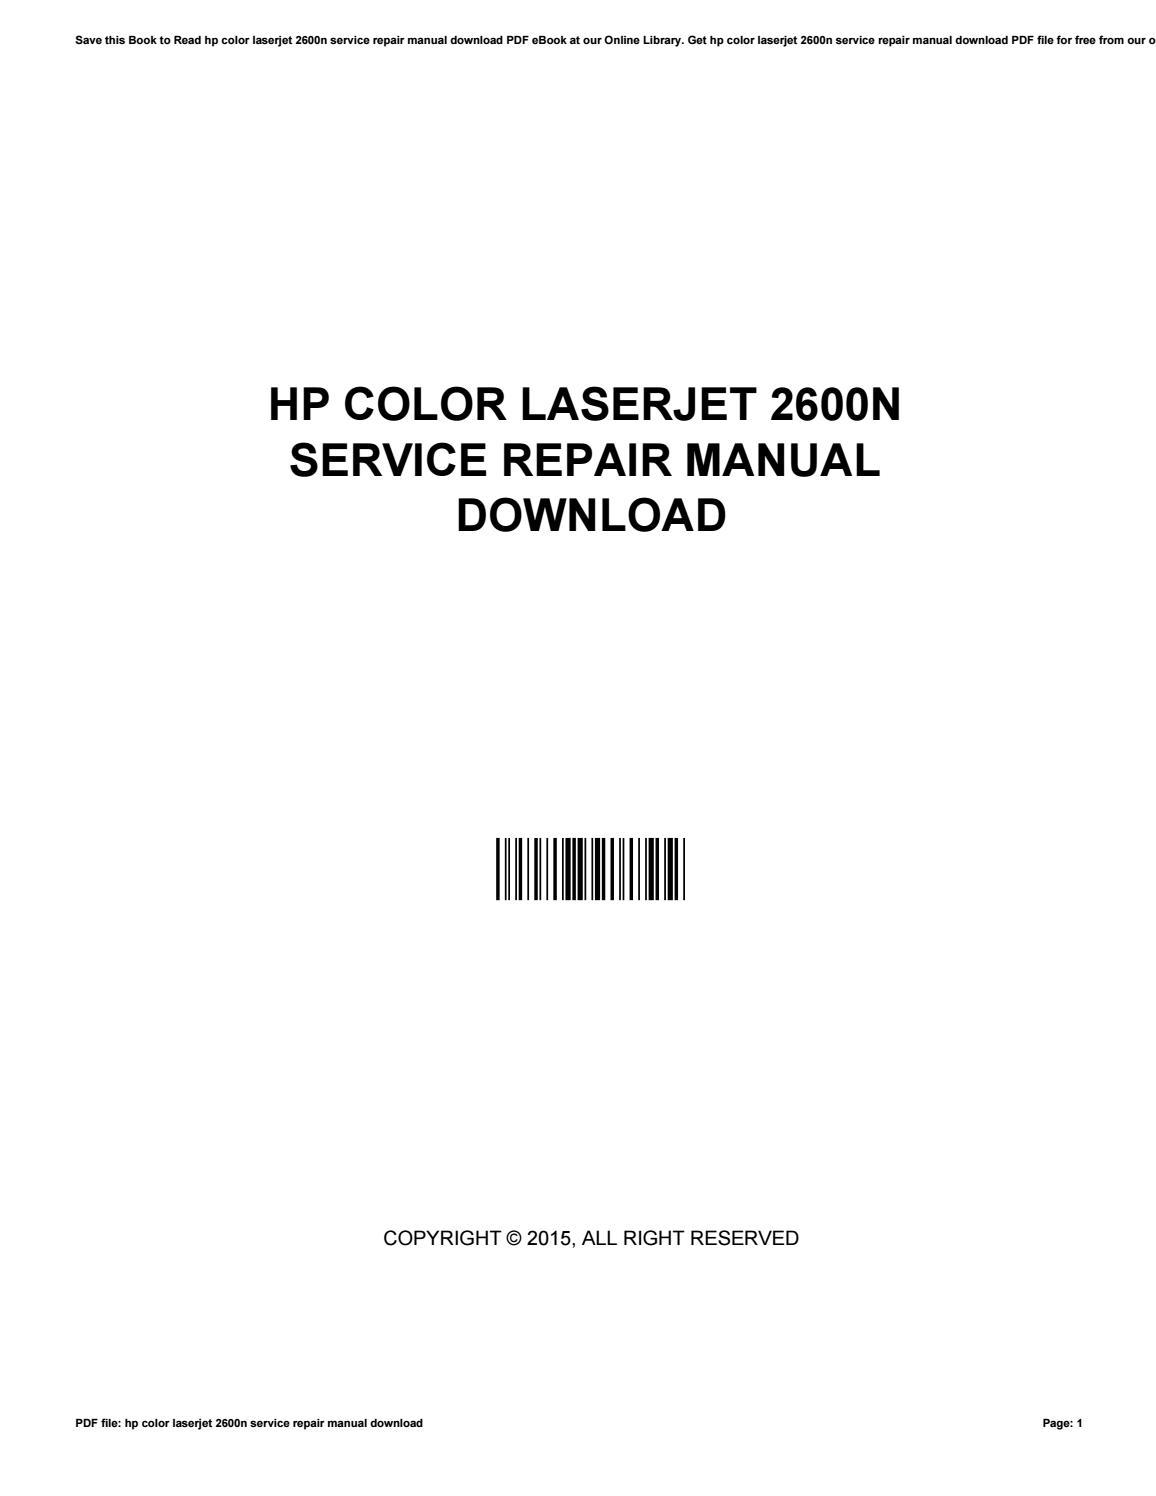 Hp color laserjet 2600n service repair manual download by AnnaSiegel3956 -  issuu